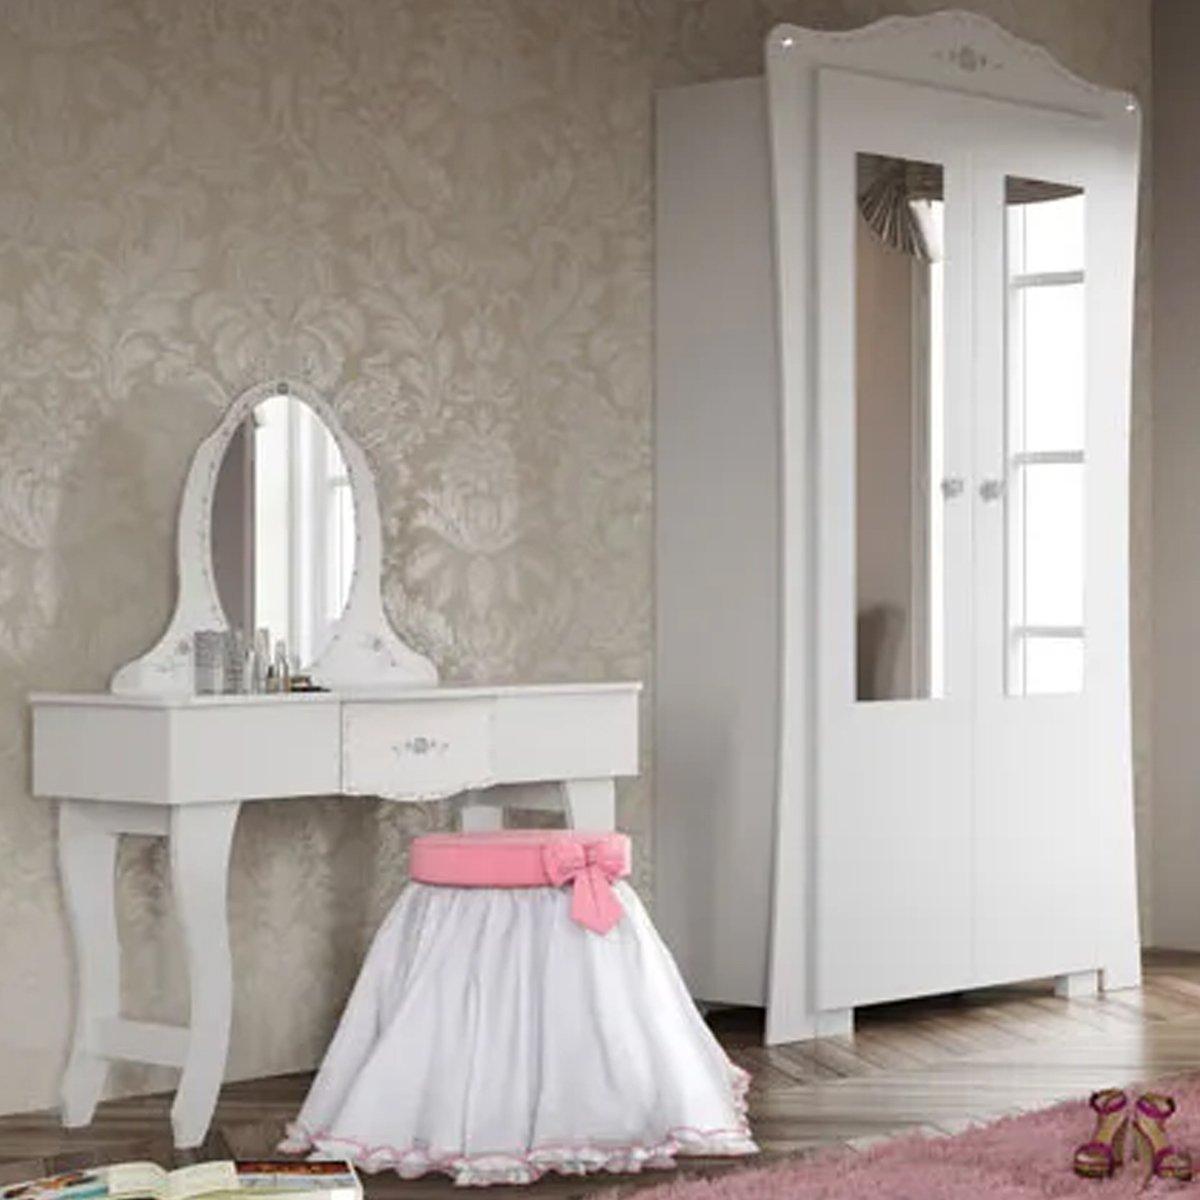 Imagem - Jogo de Quarto Intantil Encanto Clean Pura Magia Branco cód: 36451